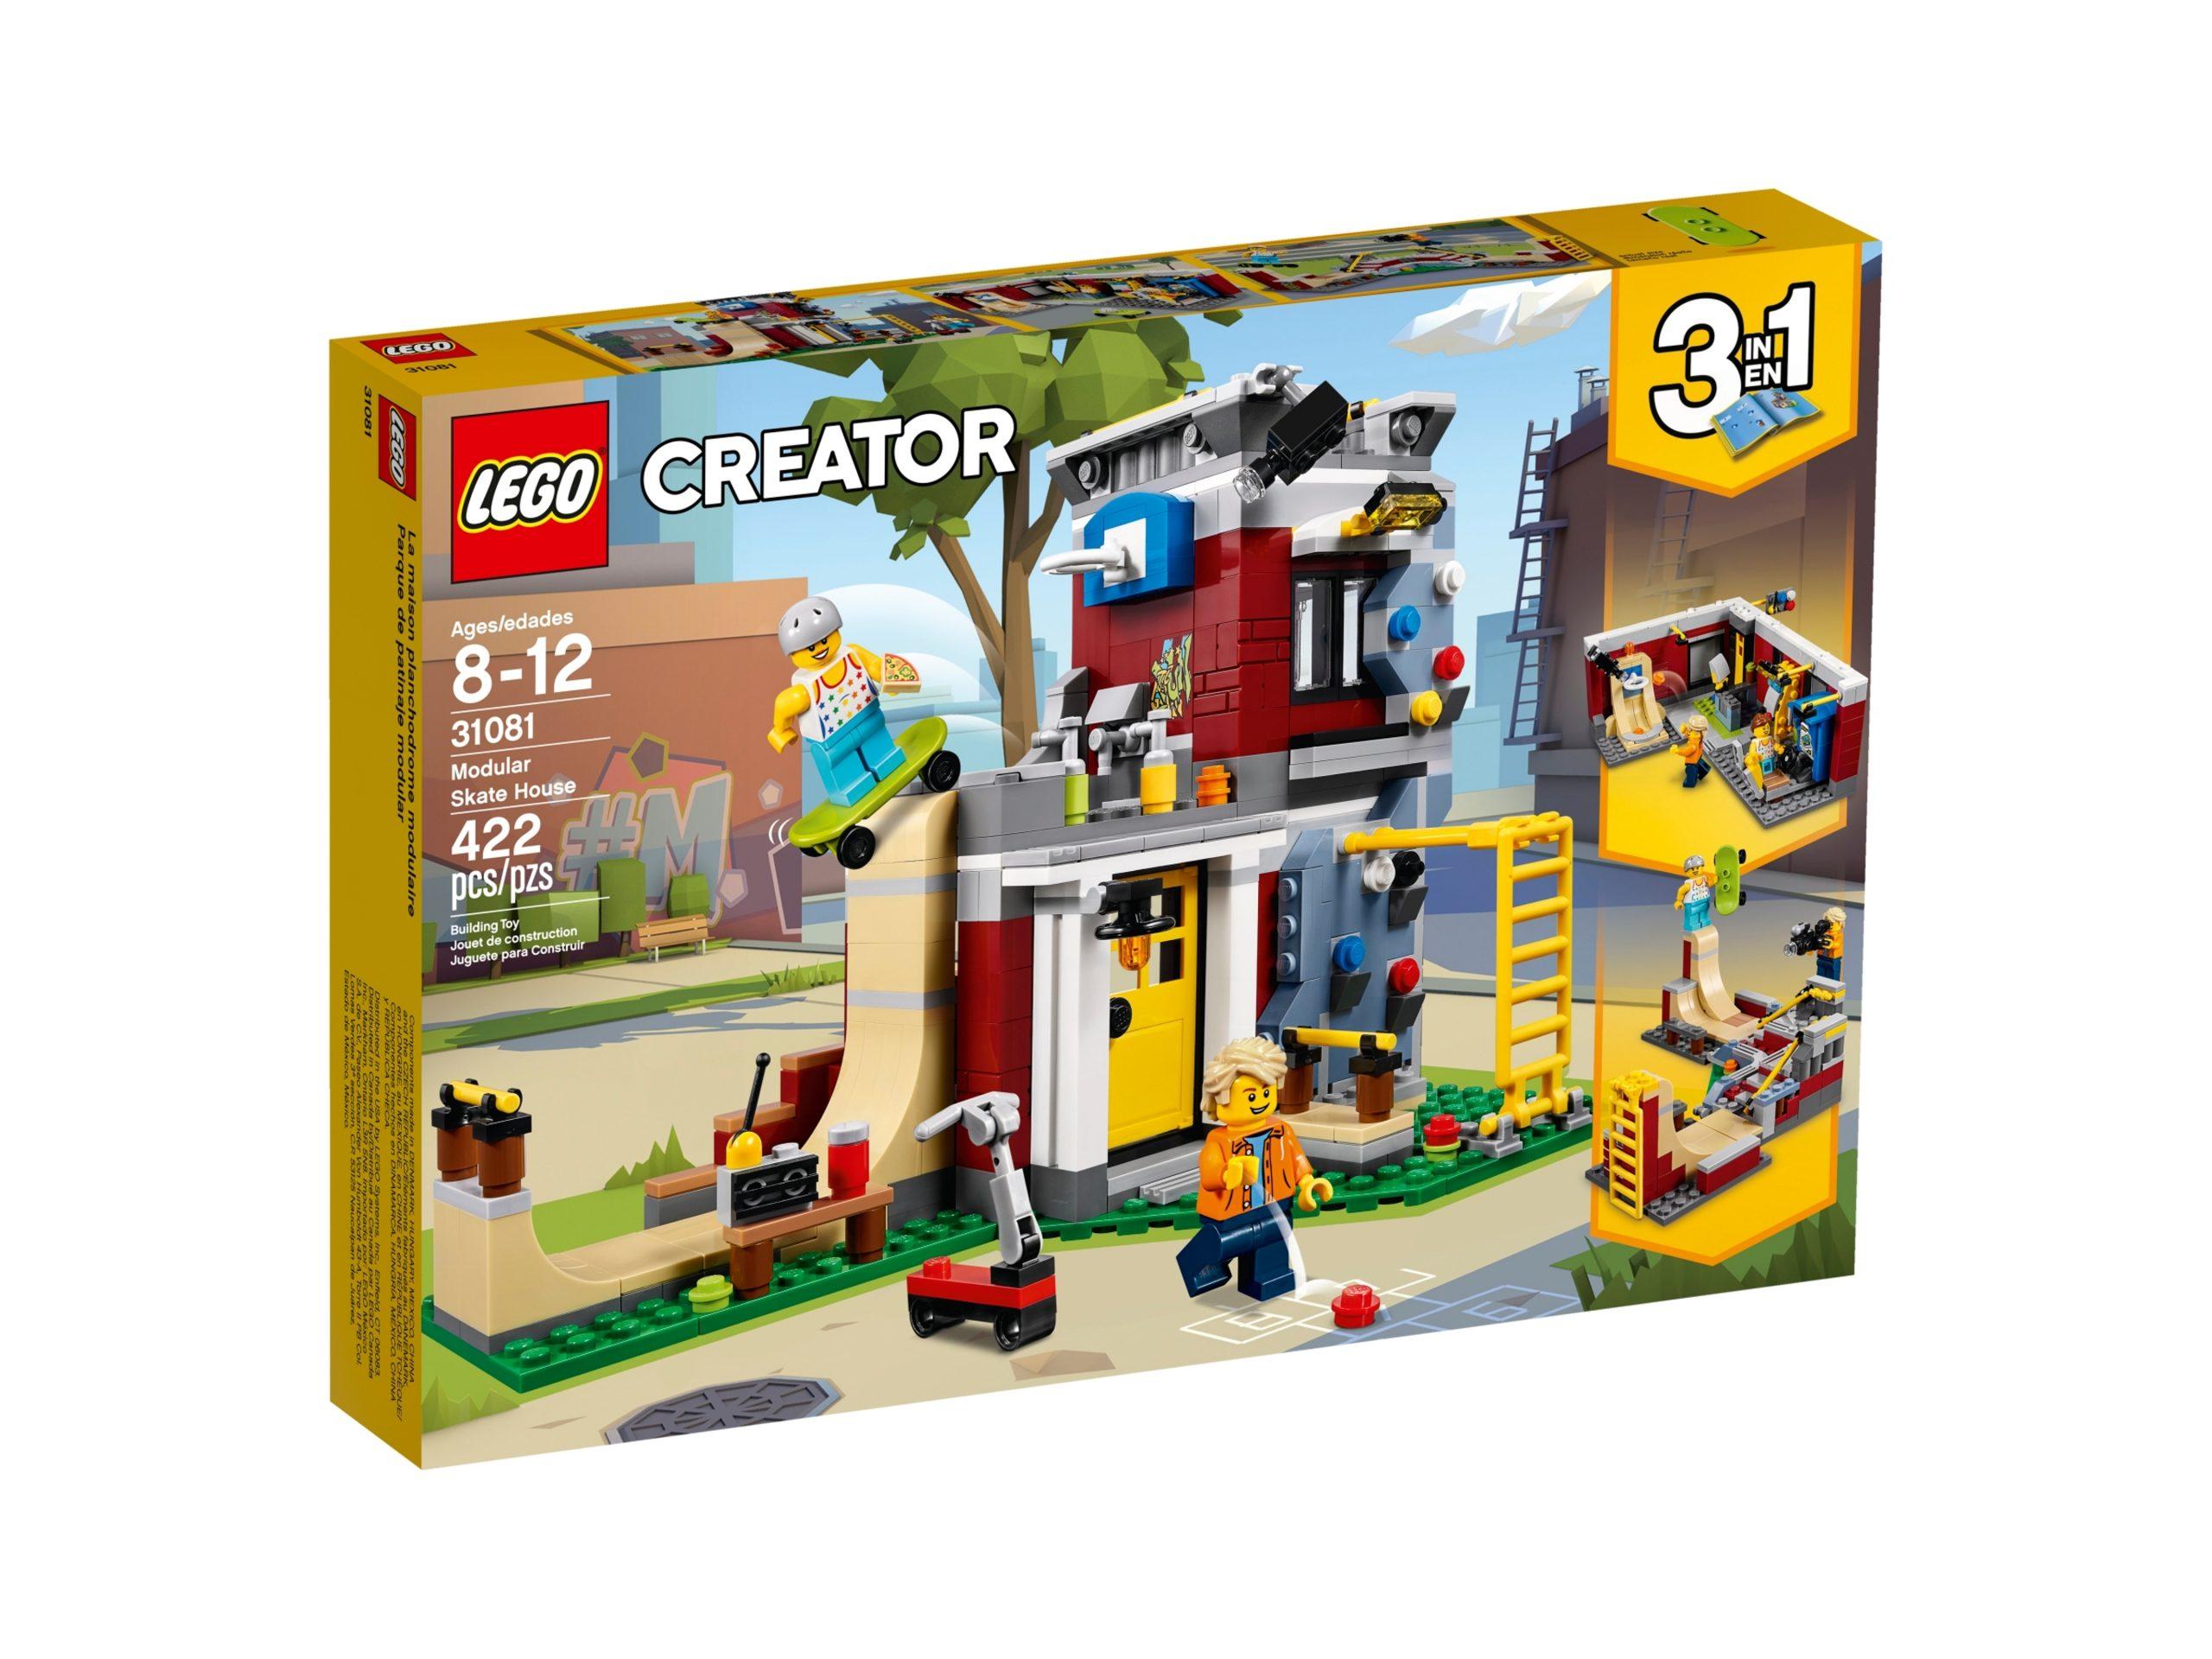 lego 31081 skate house modulare scaled